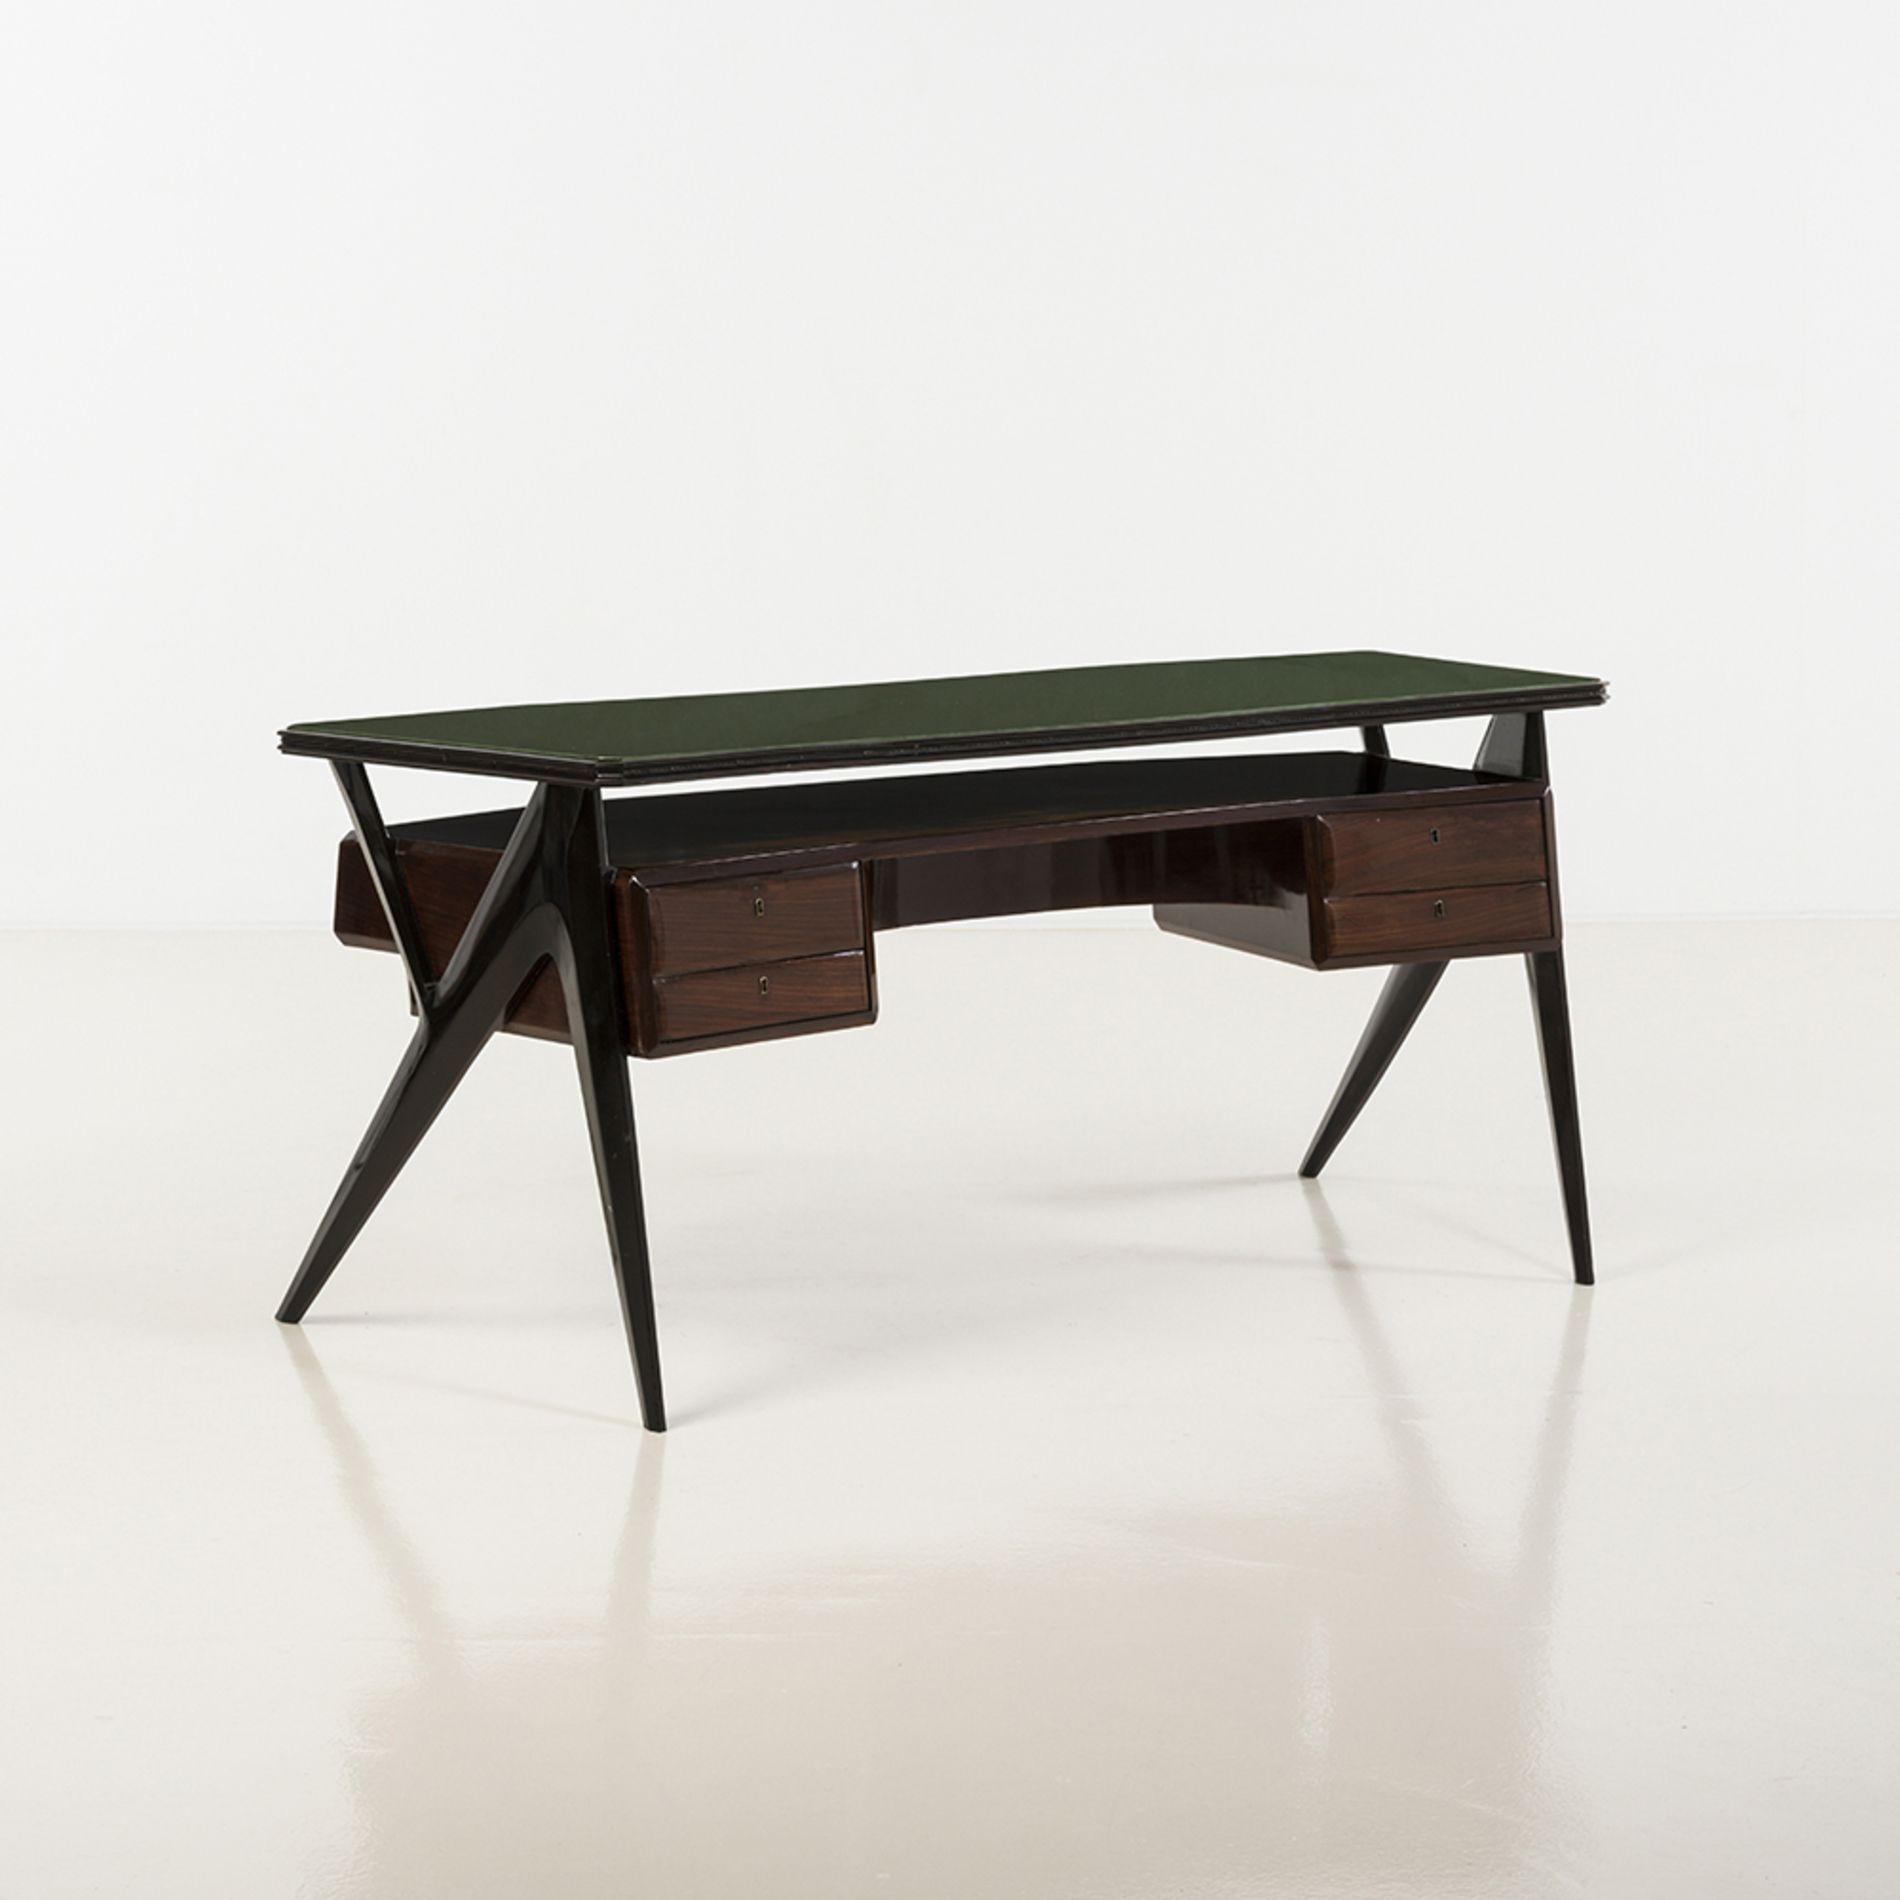 015c0d3f09e1730f81888f52846099ea Meilleur De De Table Basse Metal Verre Conception